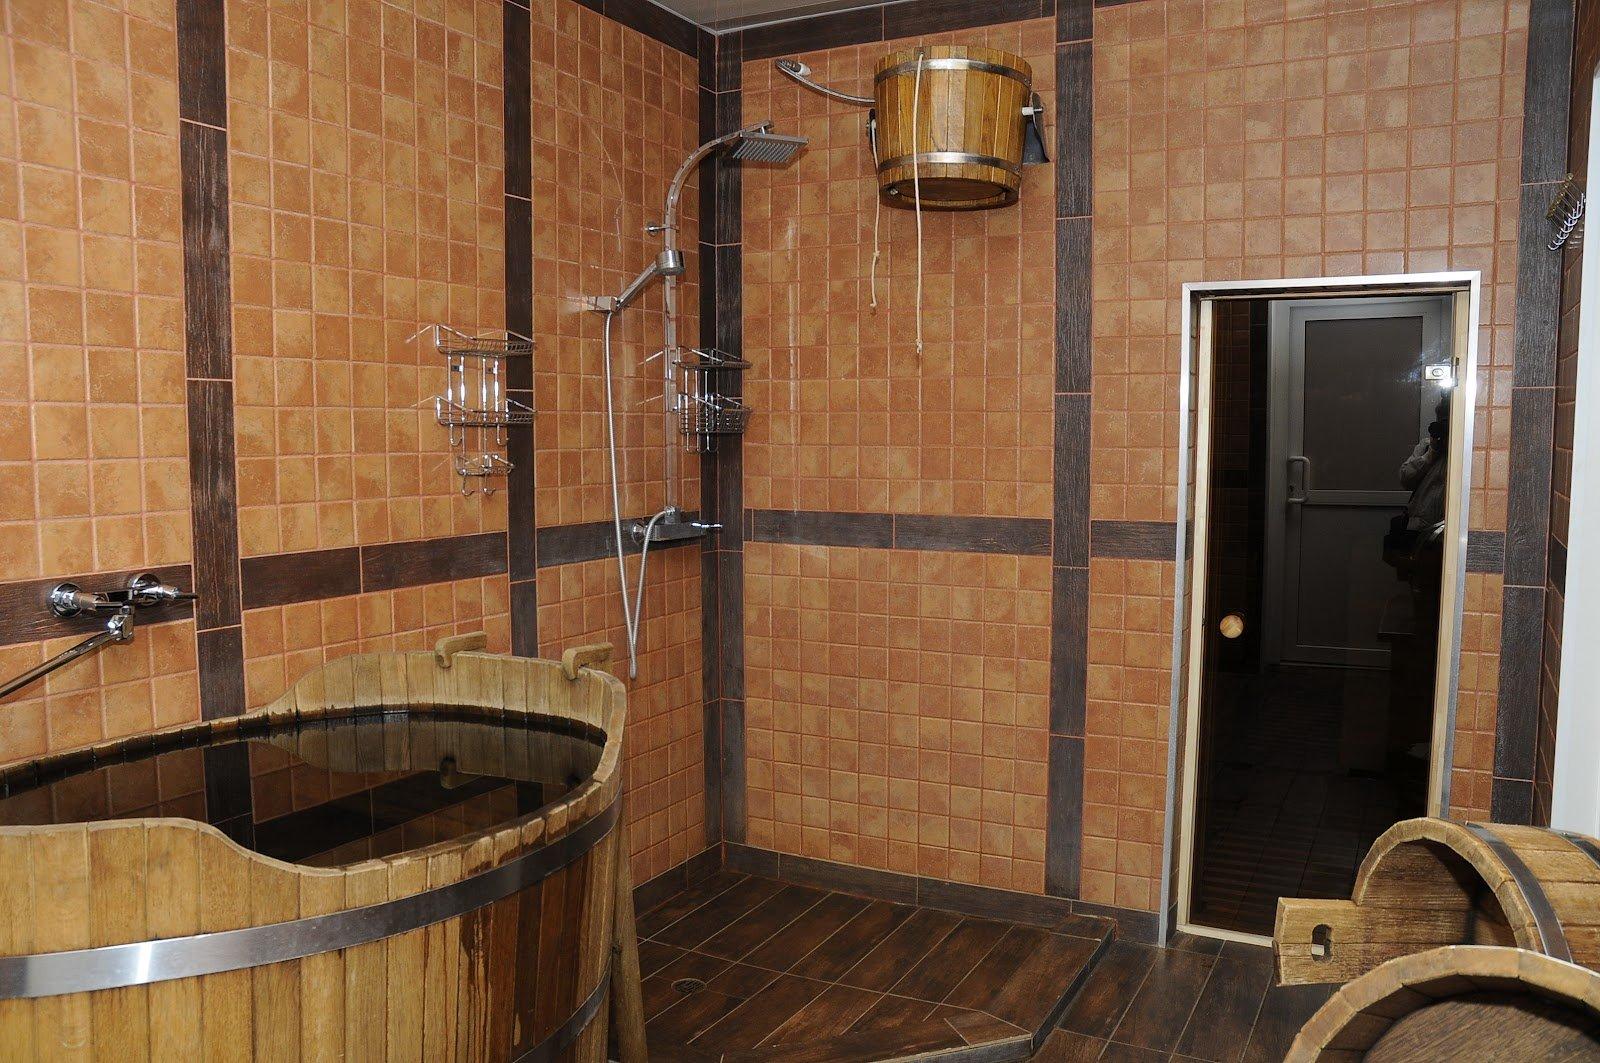 Домашняя баня в душе — действительно эффективно или дань моде? | папа мастер!